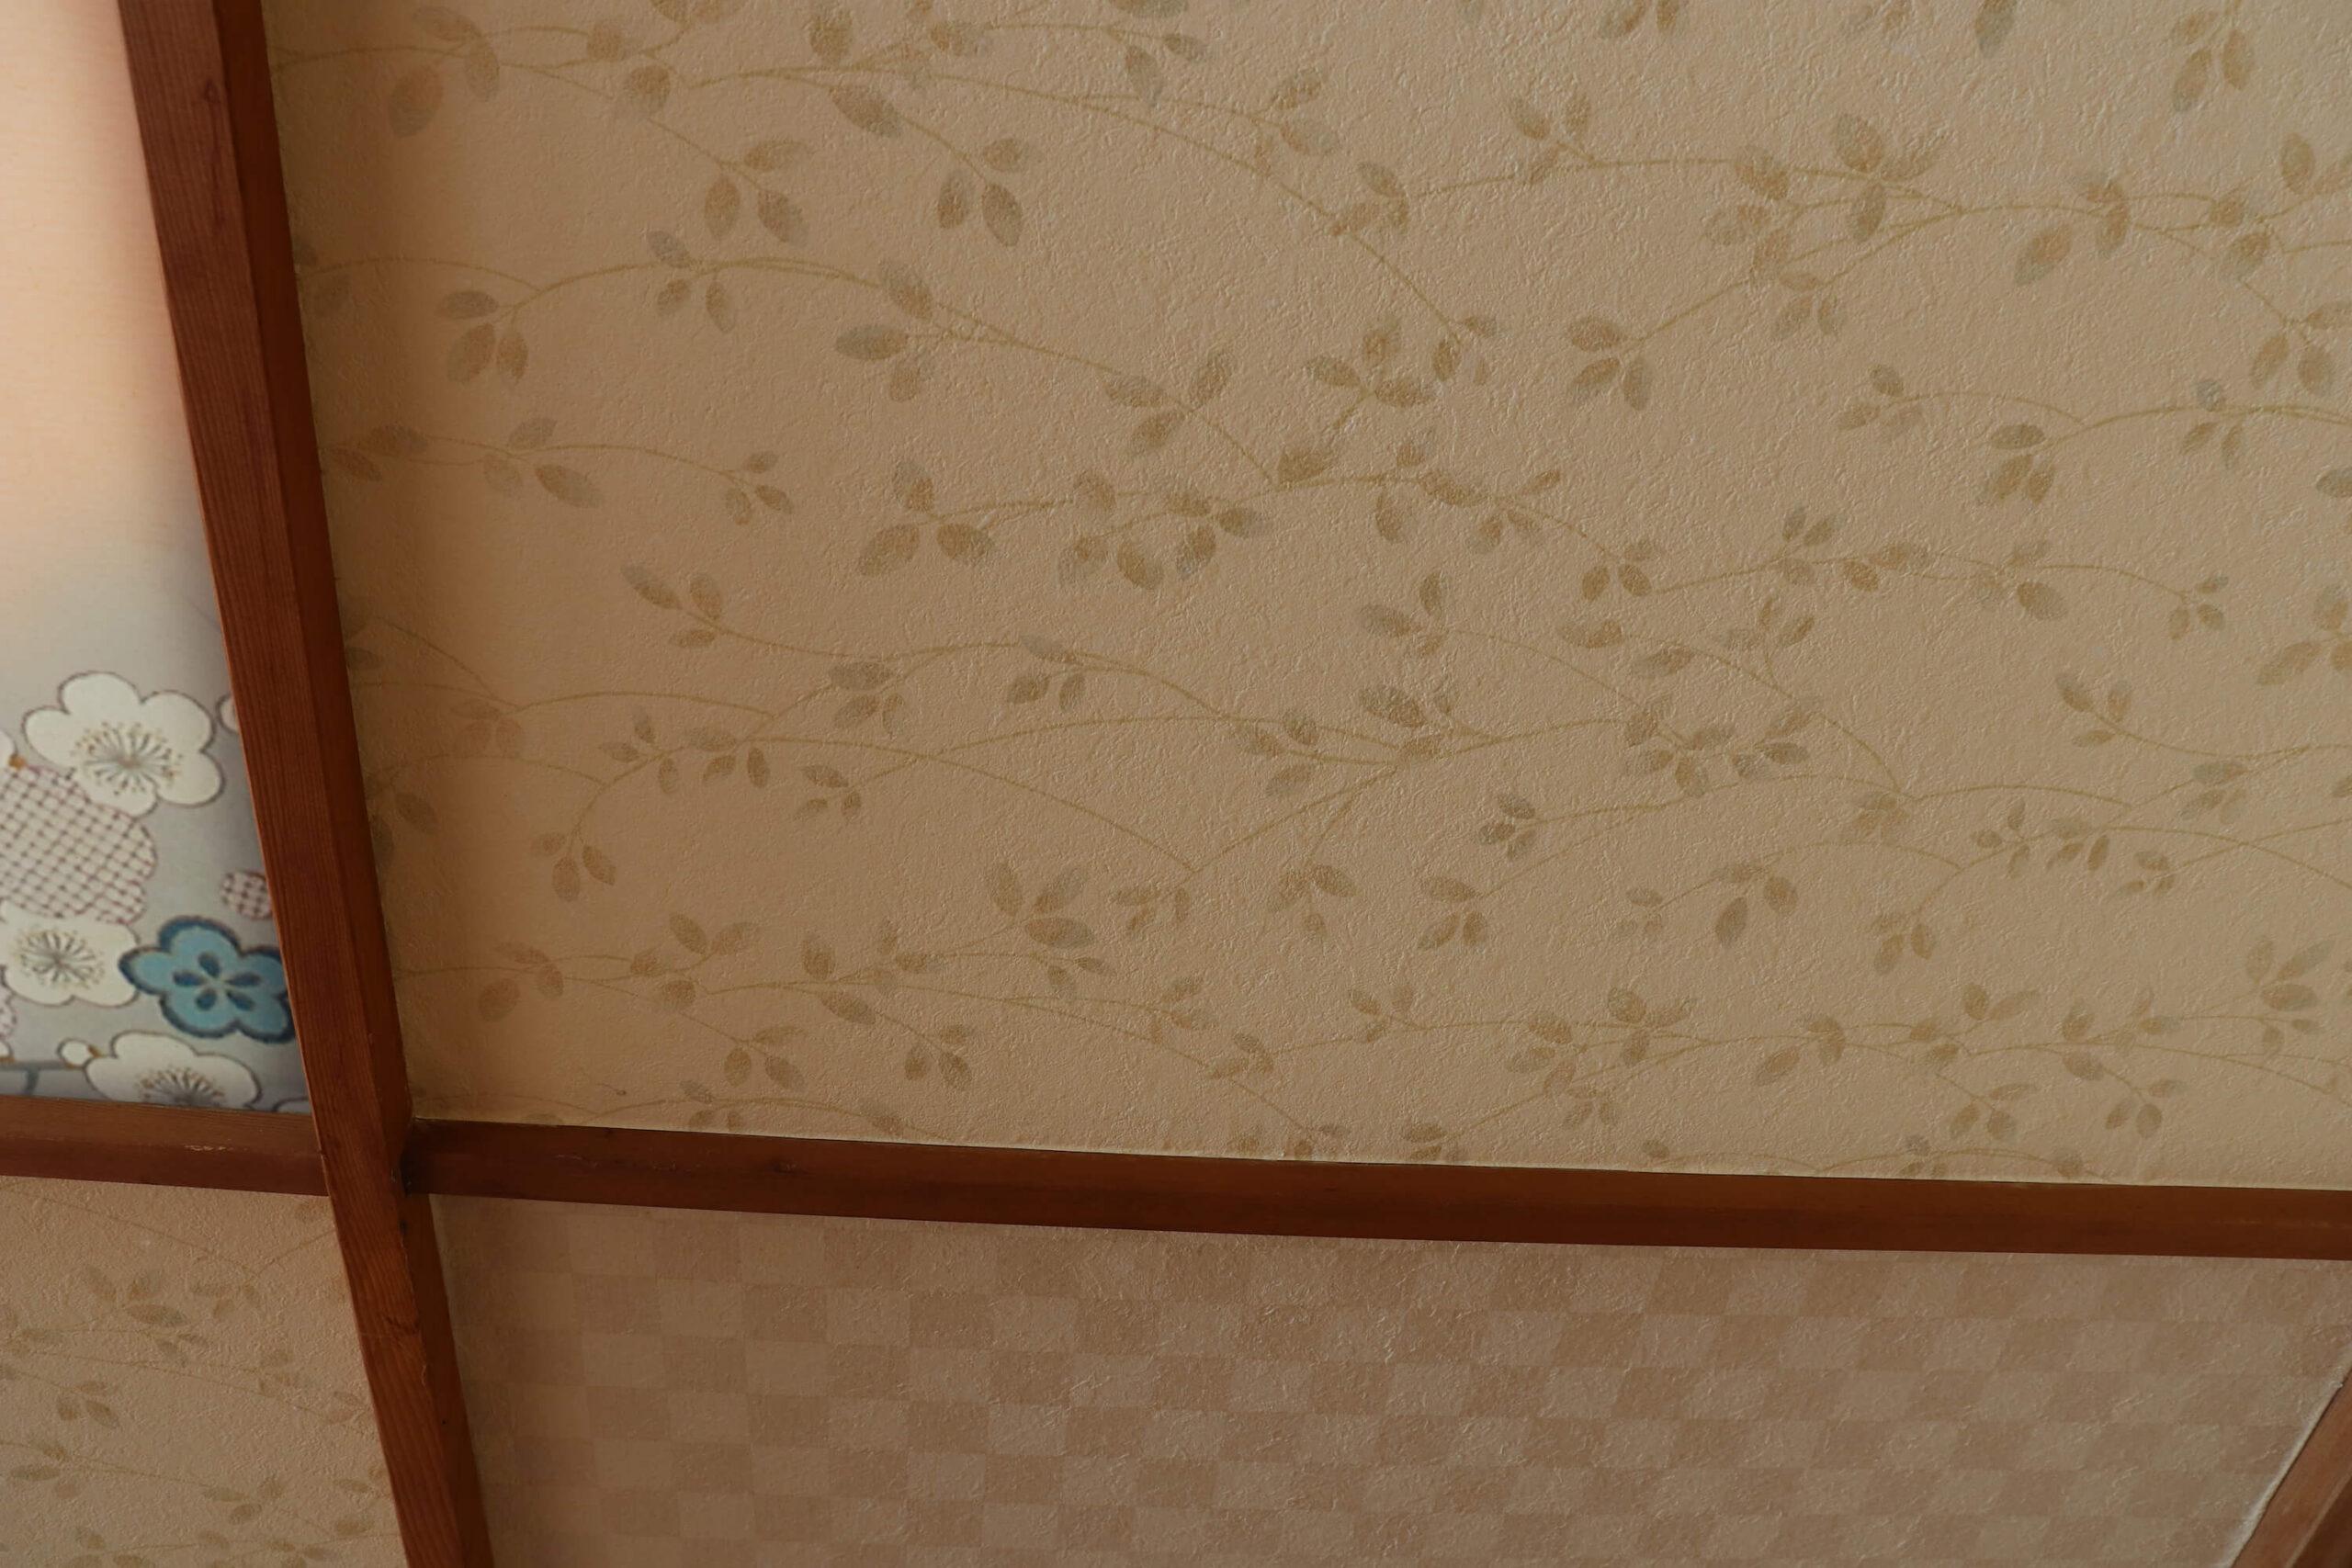 粋松亭やさしさに包まれて客室の花の装飾